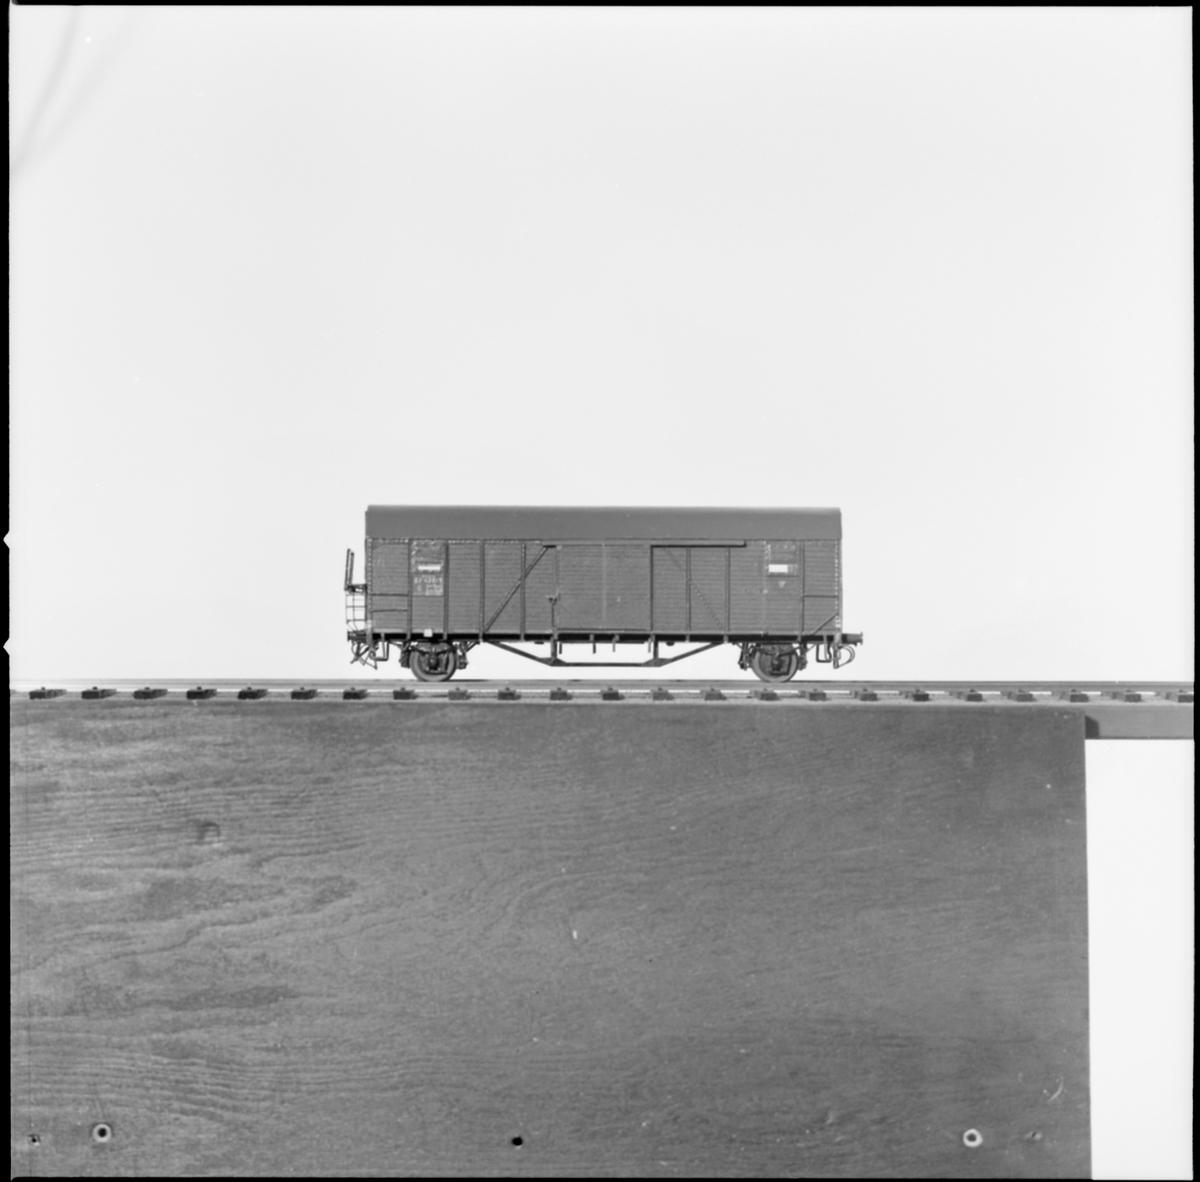 Modell av godsvagn.